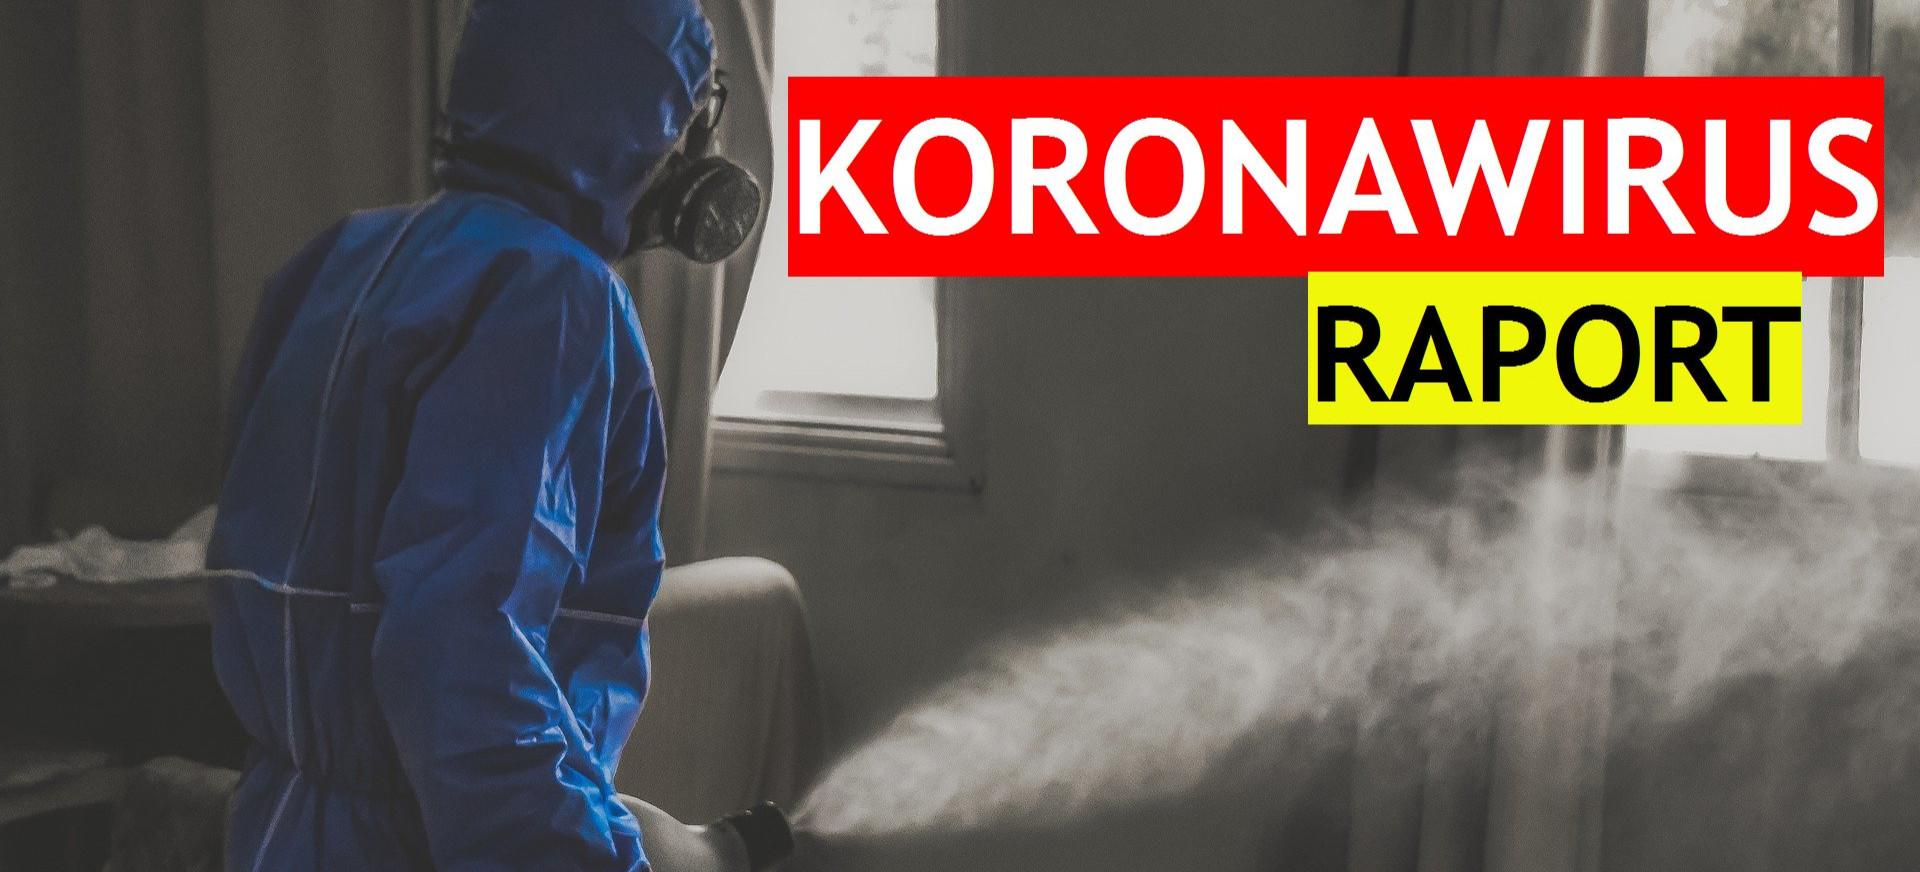 Gwałtowny spadek liczby zakażeń koronawirusem. Nadal bądźmy czujni!